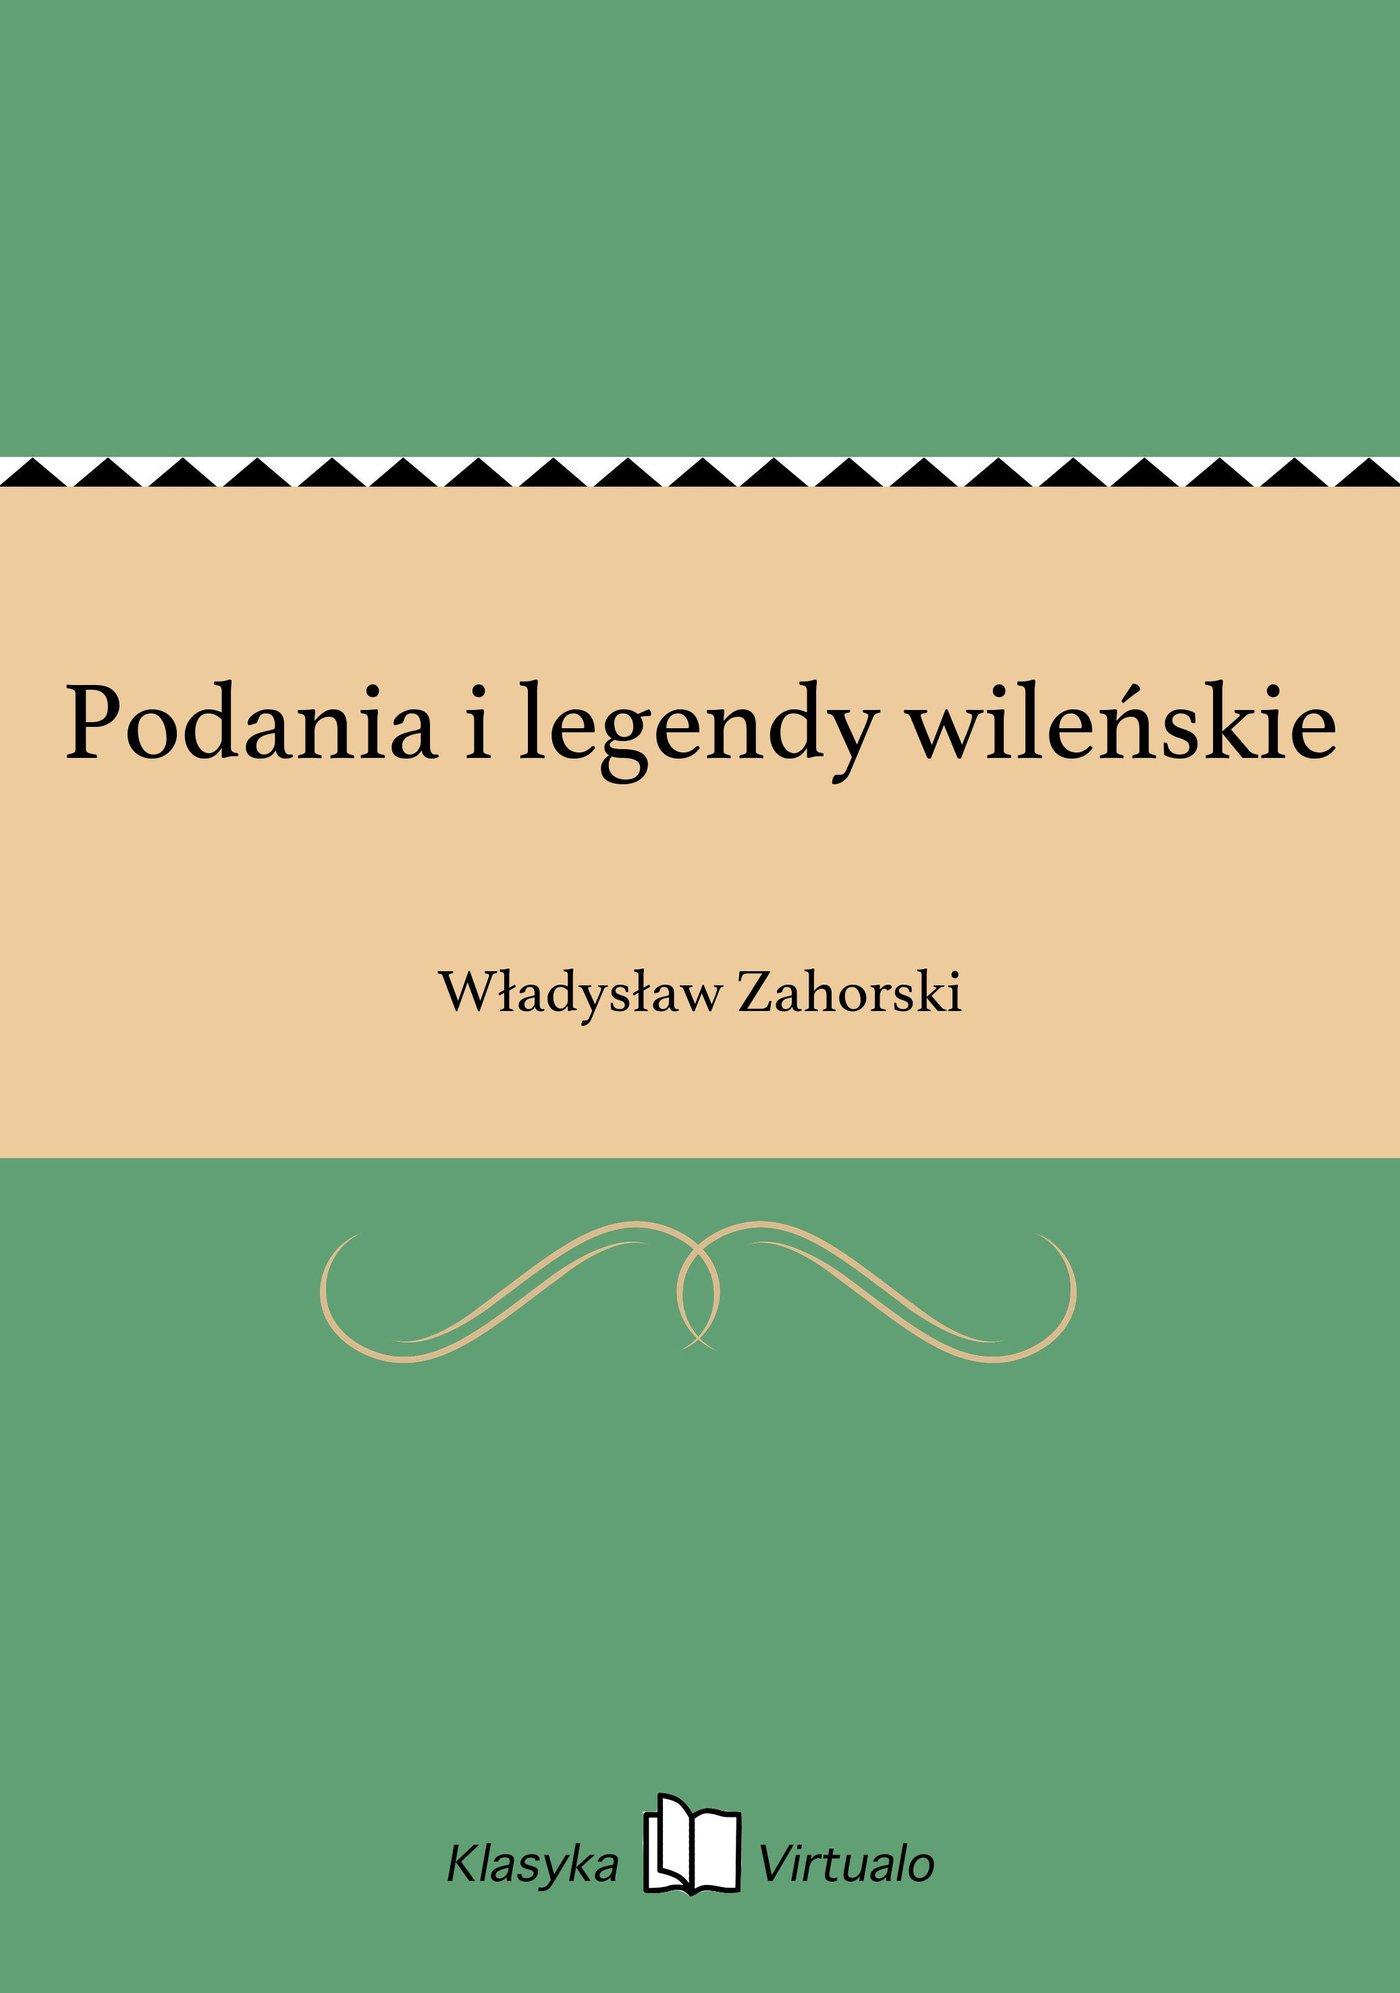 Podania i legendy wileńskie - Ebook (Książka EPUB) do pobrania w formacie EPUB